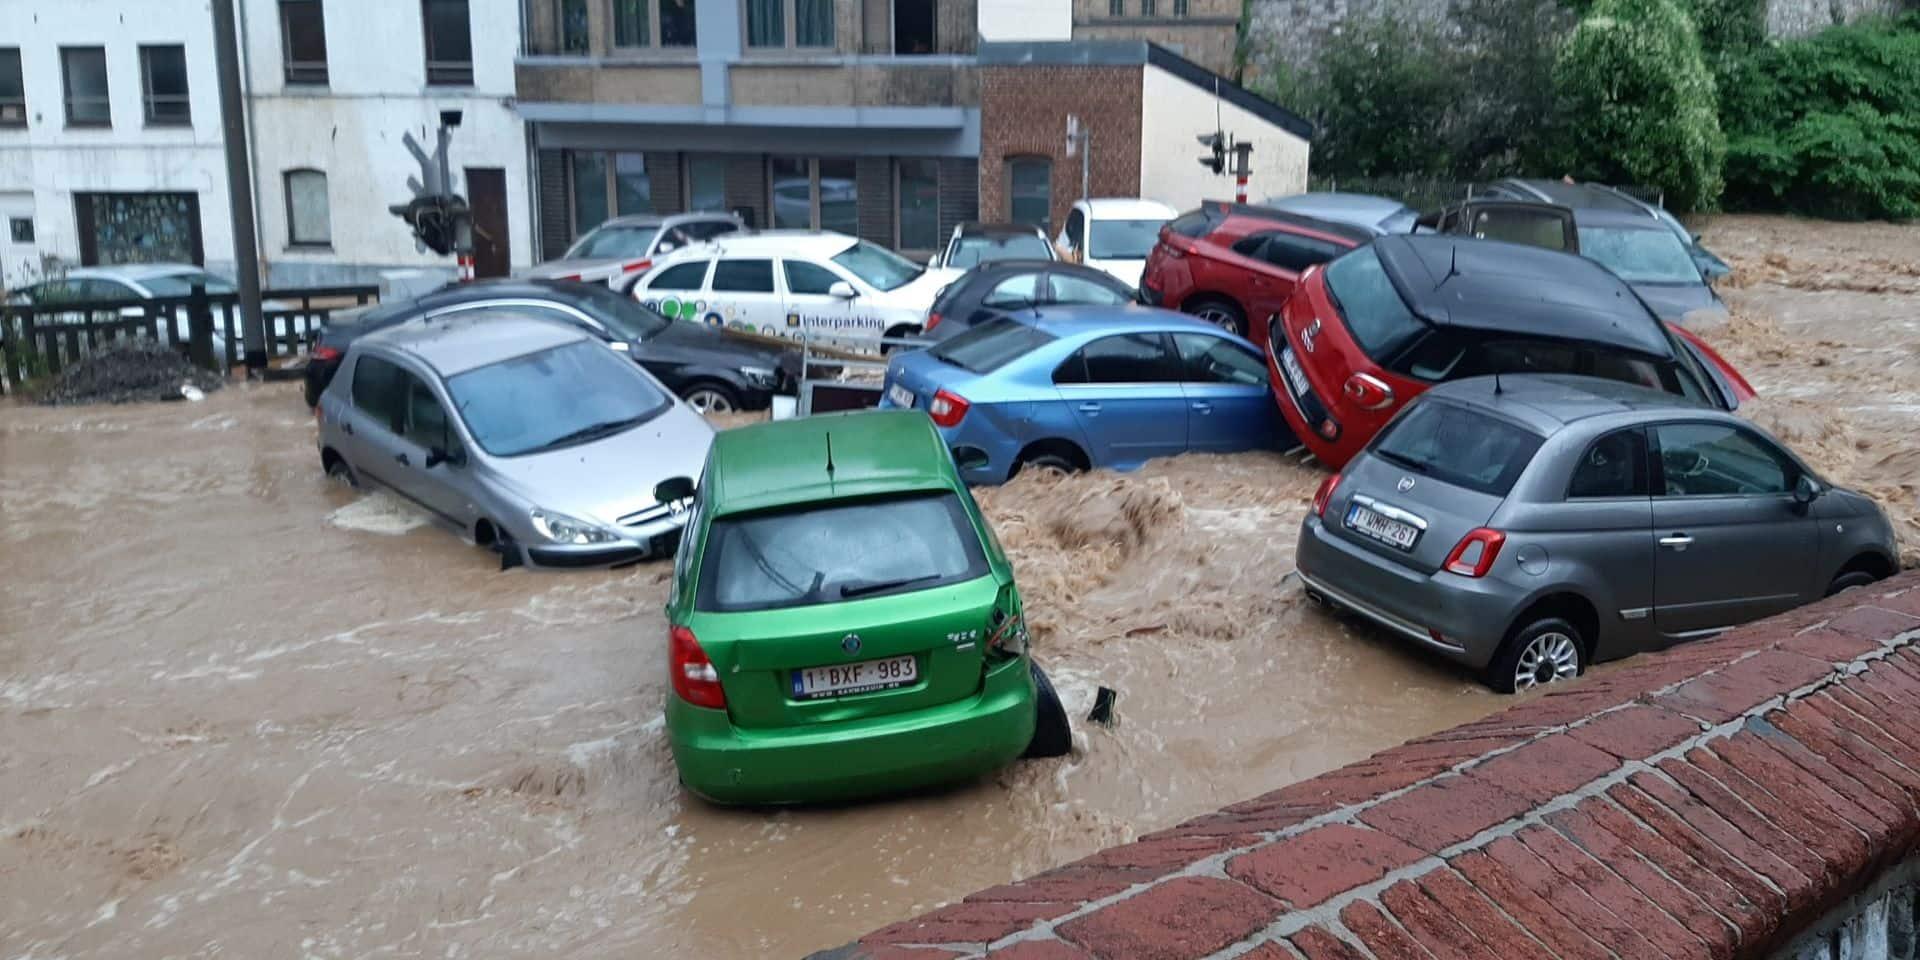 Les fortes pluies font à nouveau des ravages en province de Namur